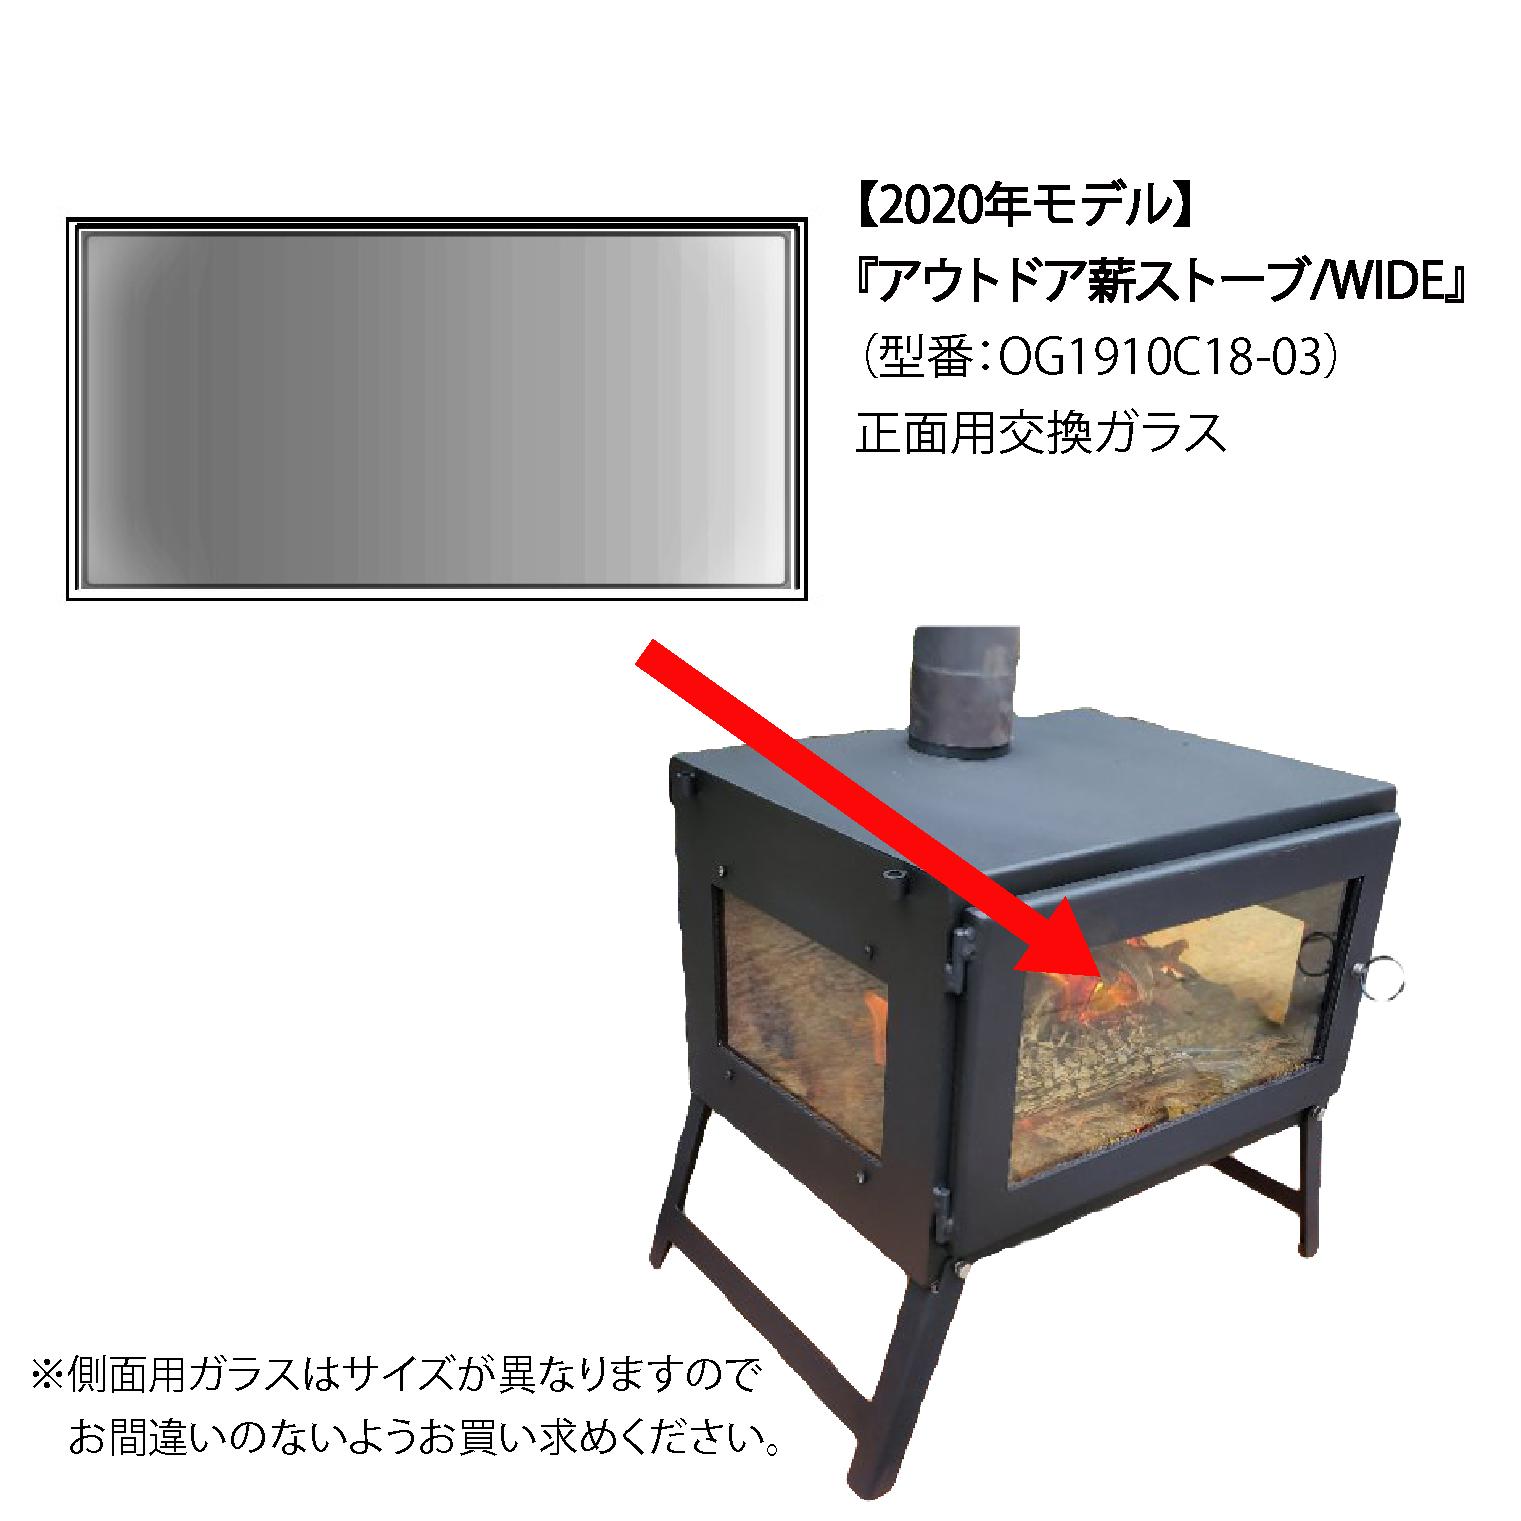 【12月上旬頃発送予定!】Locomo WIDE ストーブ 交換ガラス ( 正面 )